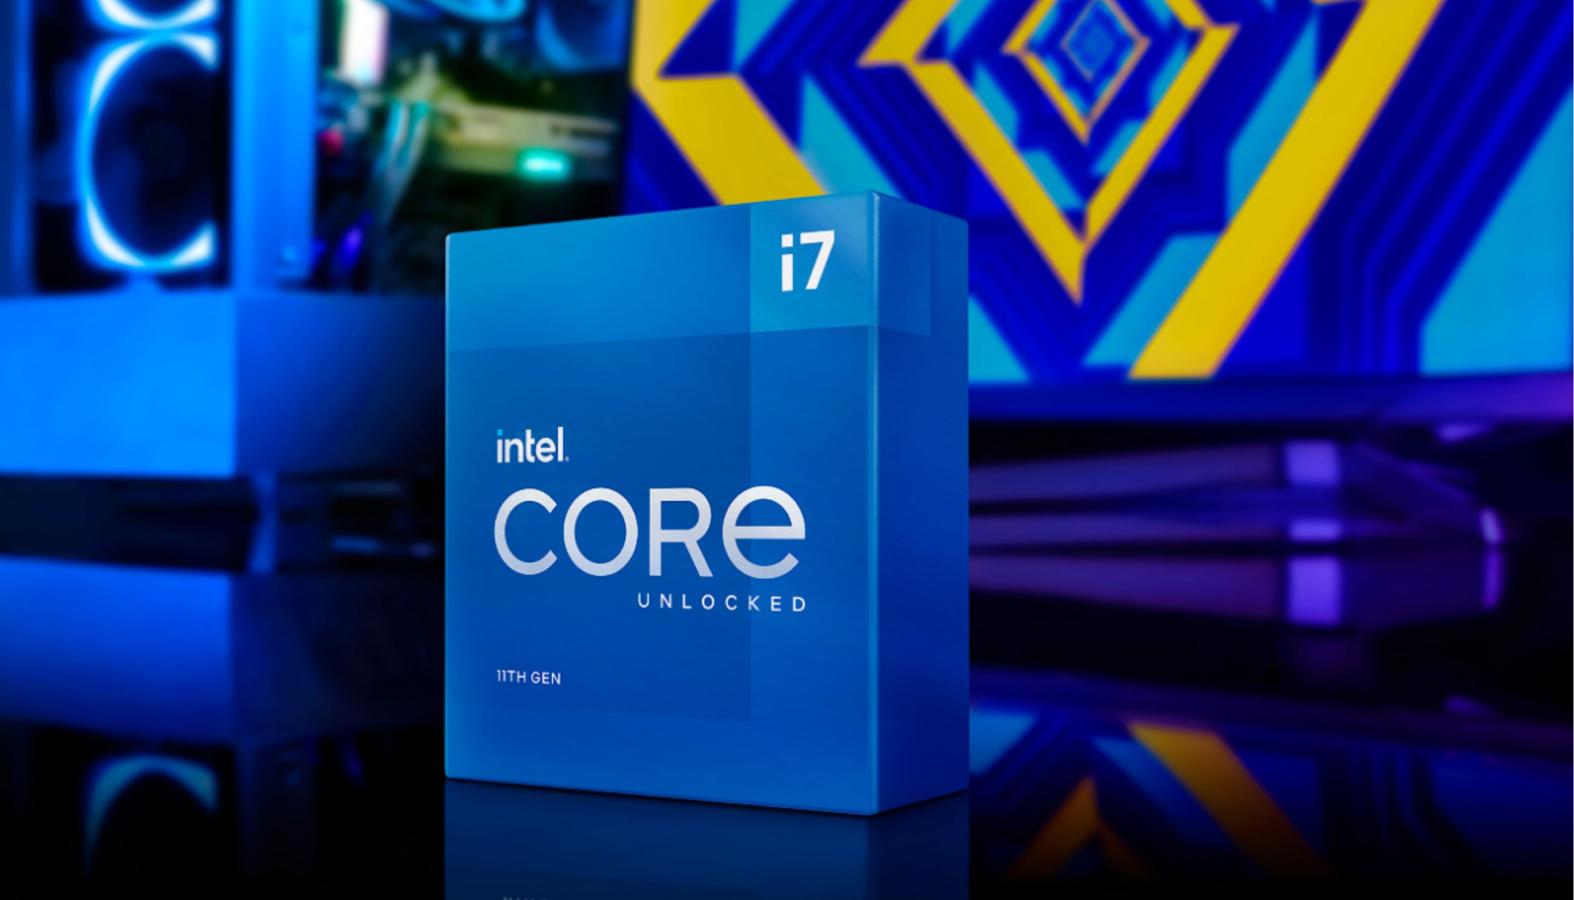 Intel Core i7 11th gen banner imager - ΠΡΑΞΗ ΕΠΕ - 1